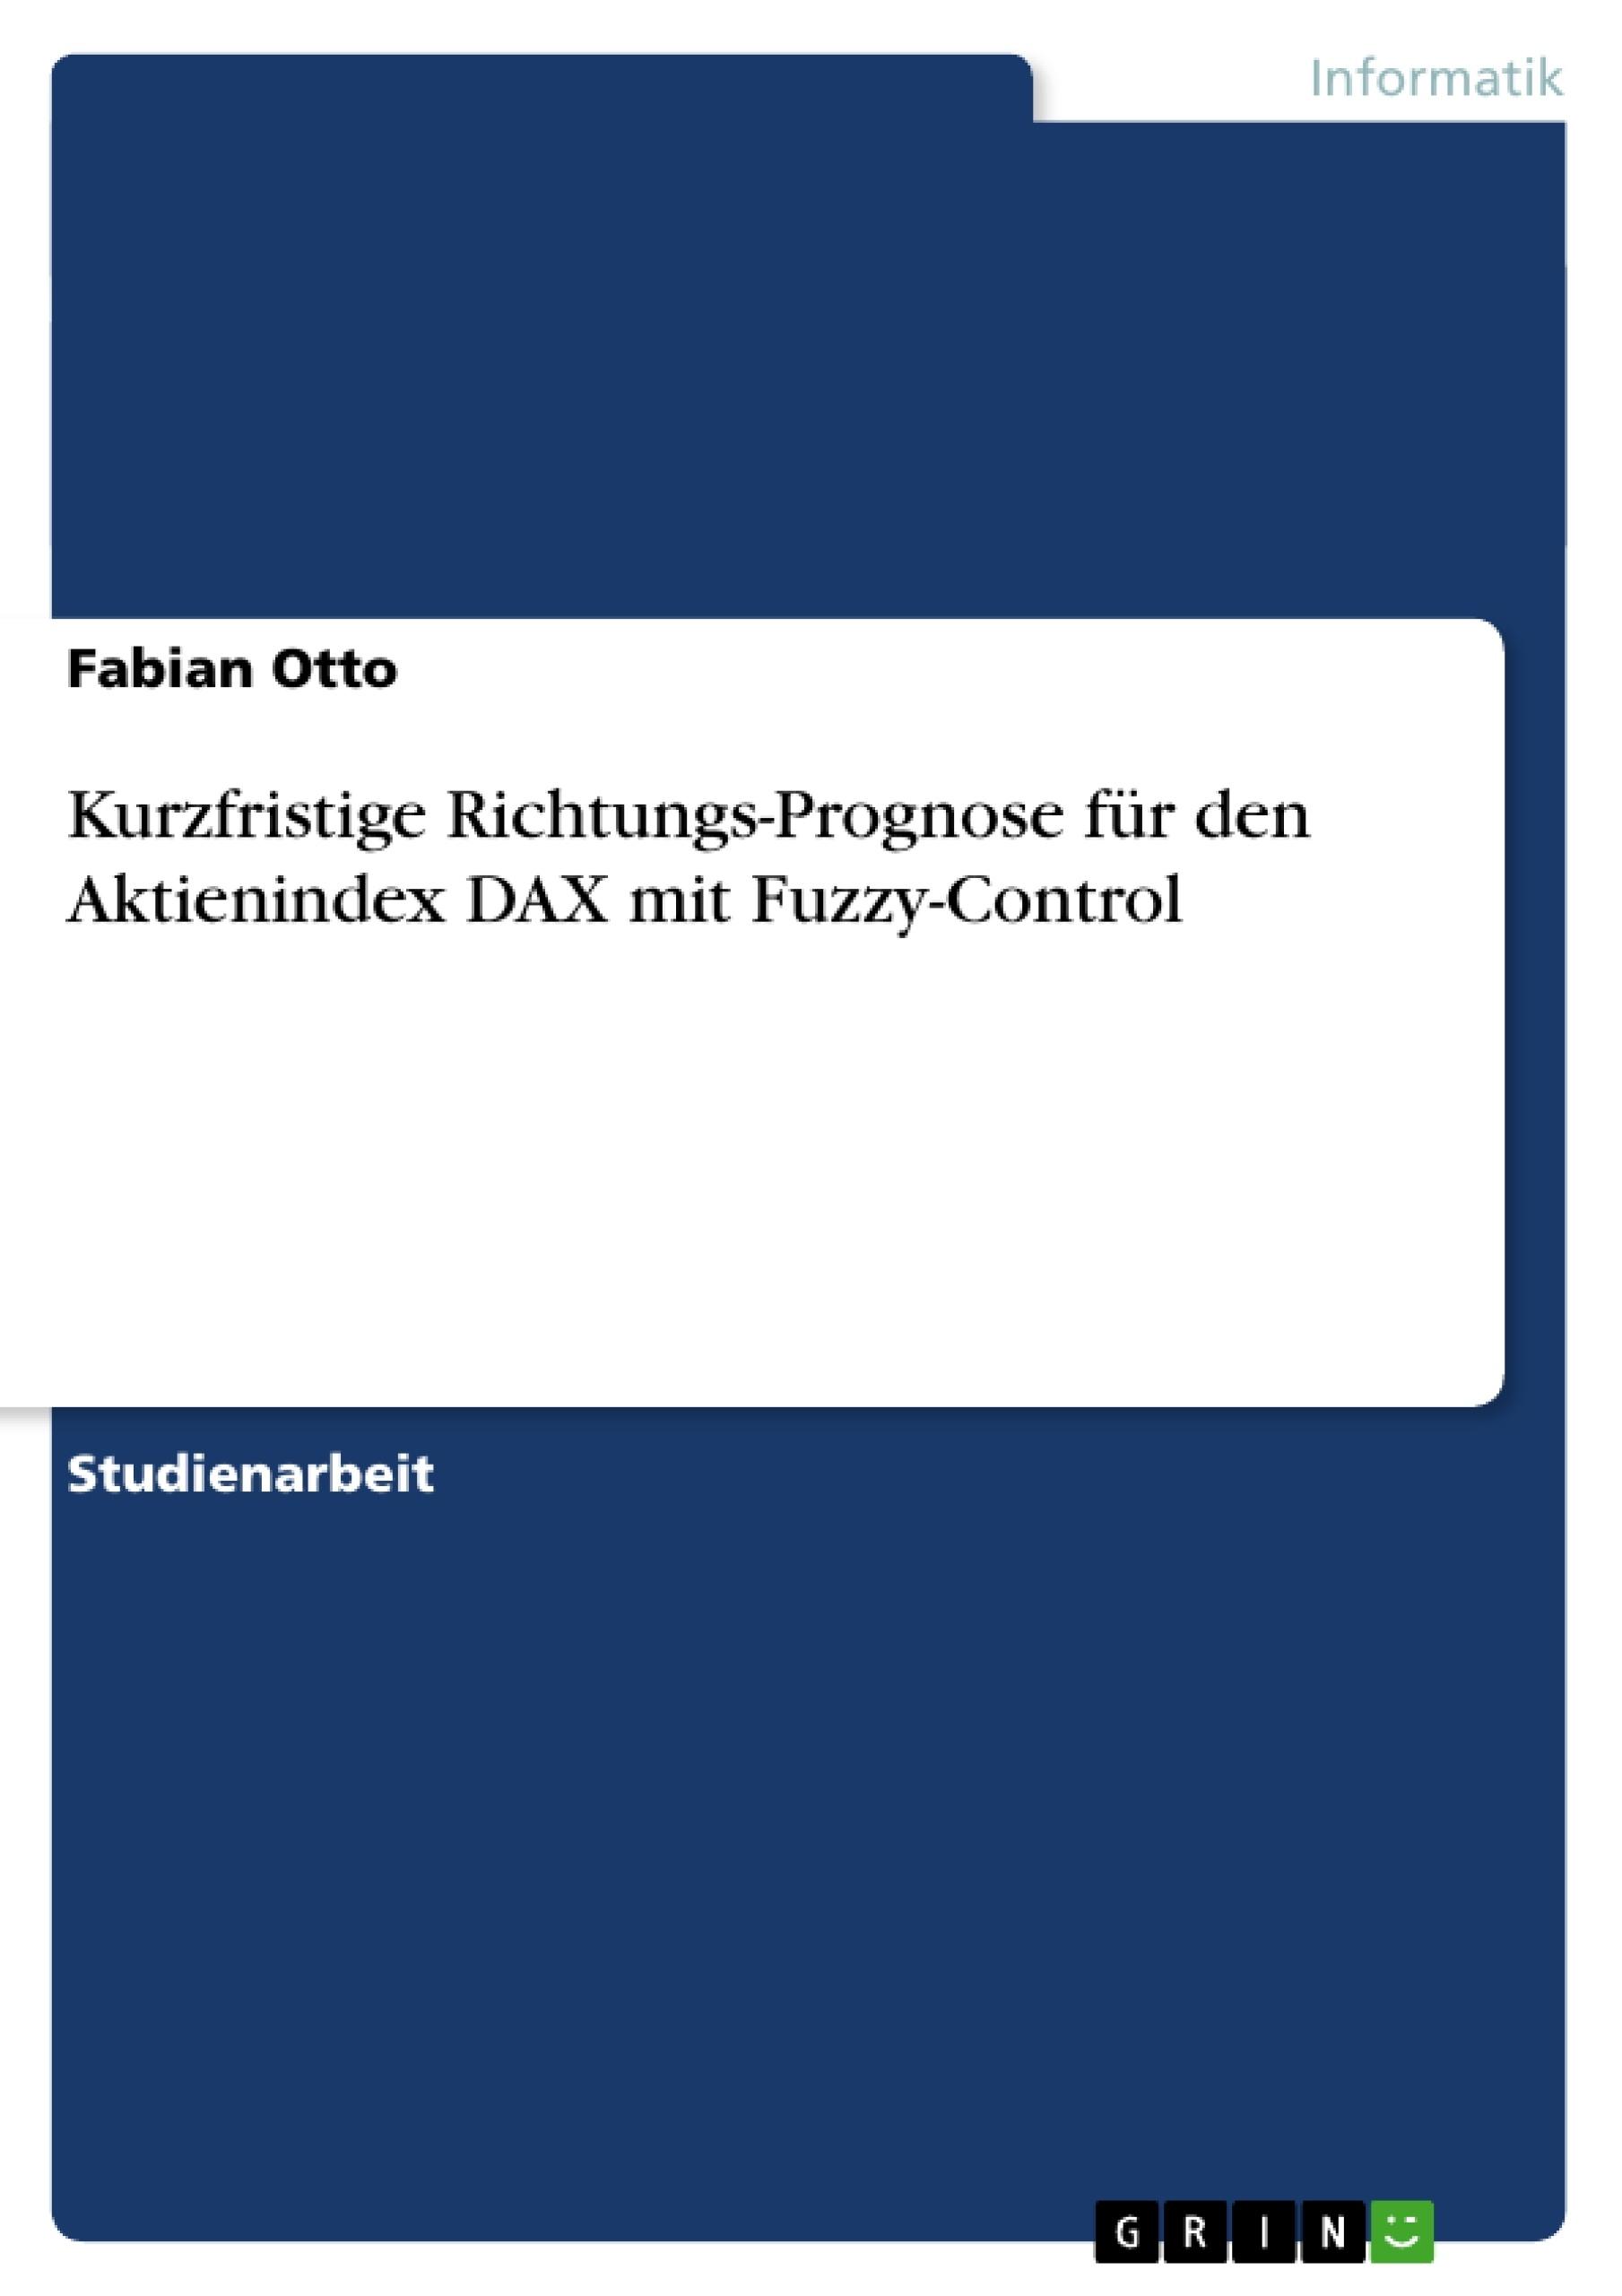 Titel: Kurzfristige Richtungs-Prognose für den Aktienindex DAX mit Fuzzy-Control